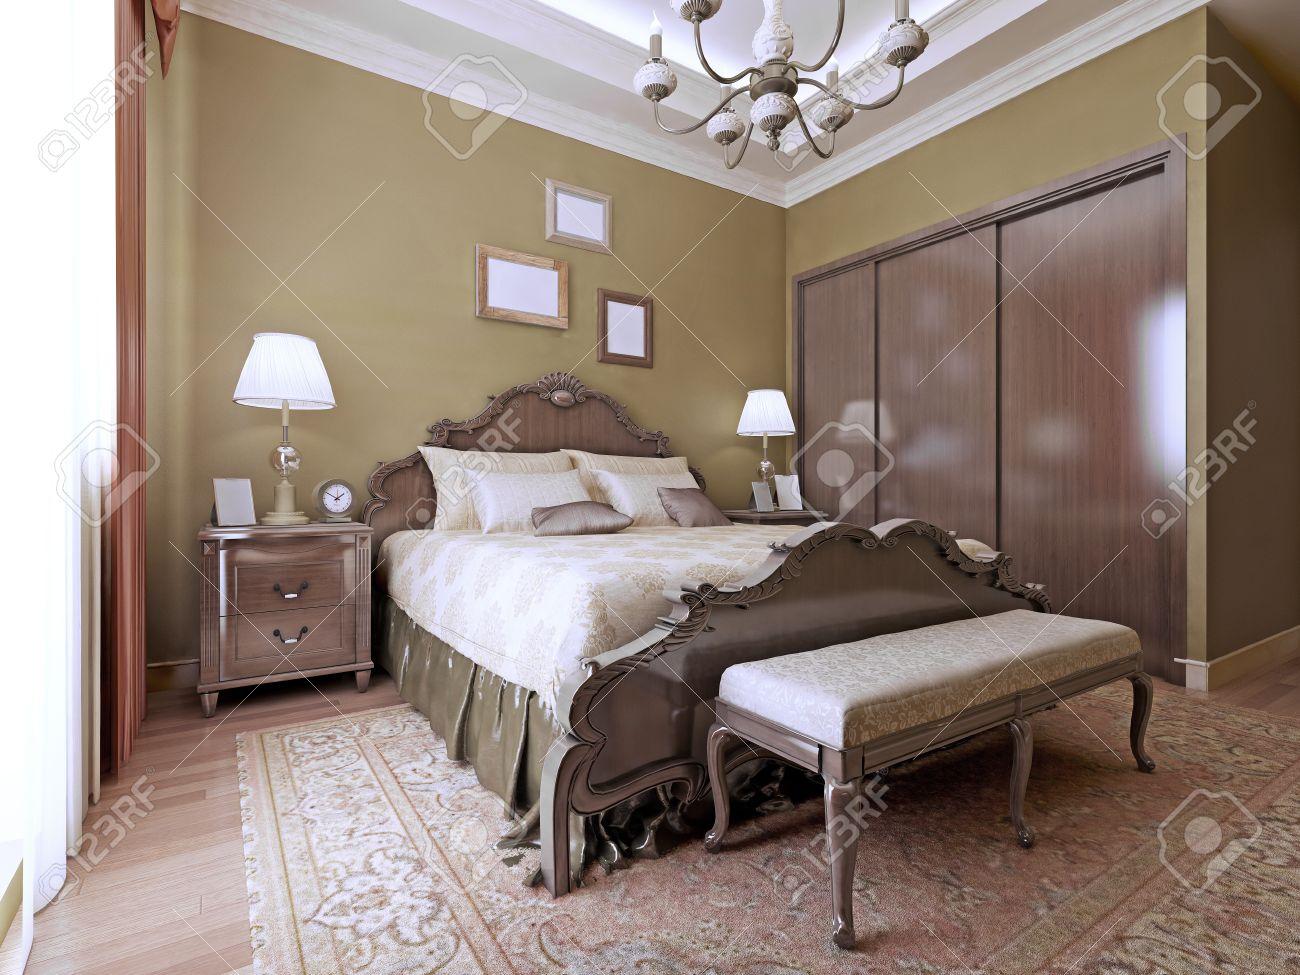 Nett Schlafzimmer Englisch Bilder >> Kleiderschrank Englisch ...